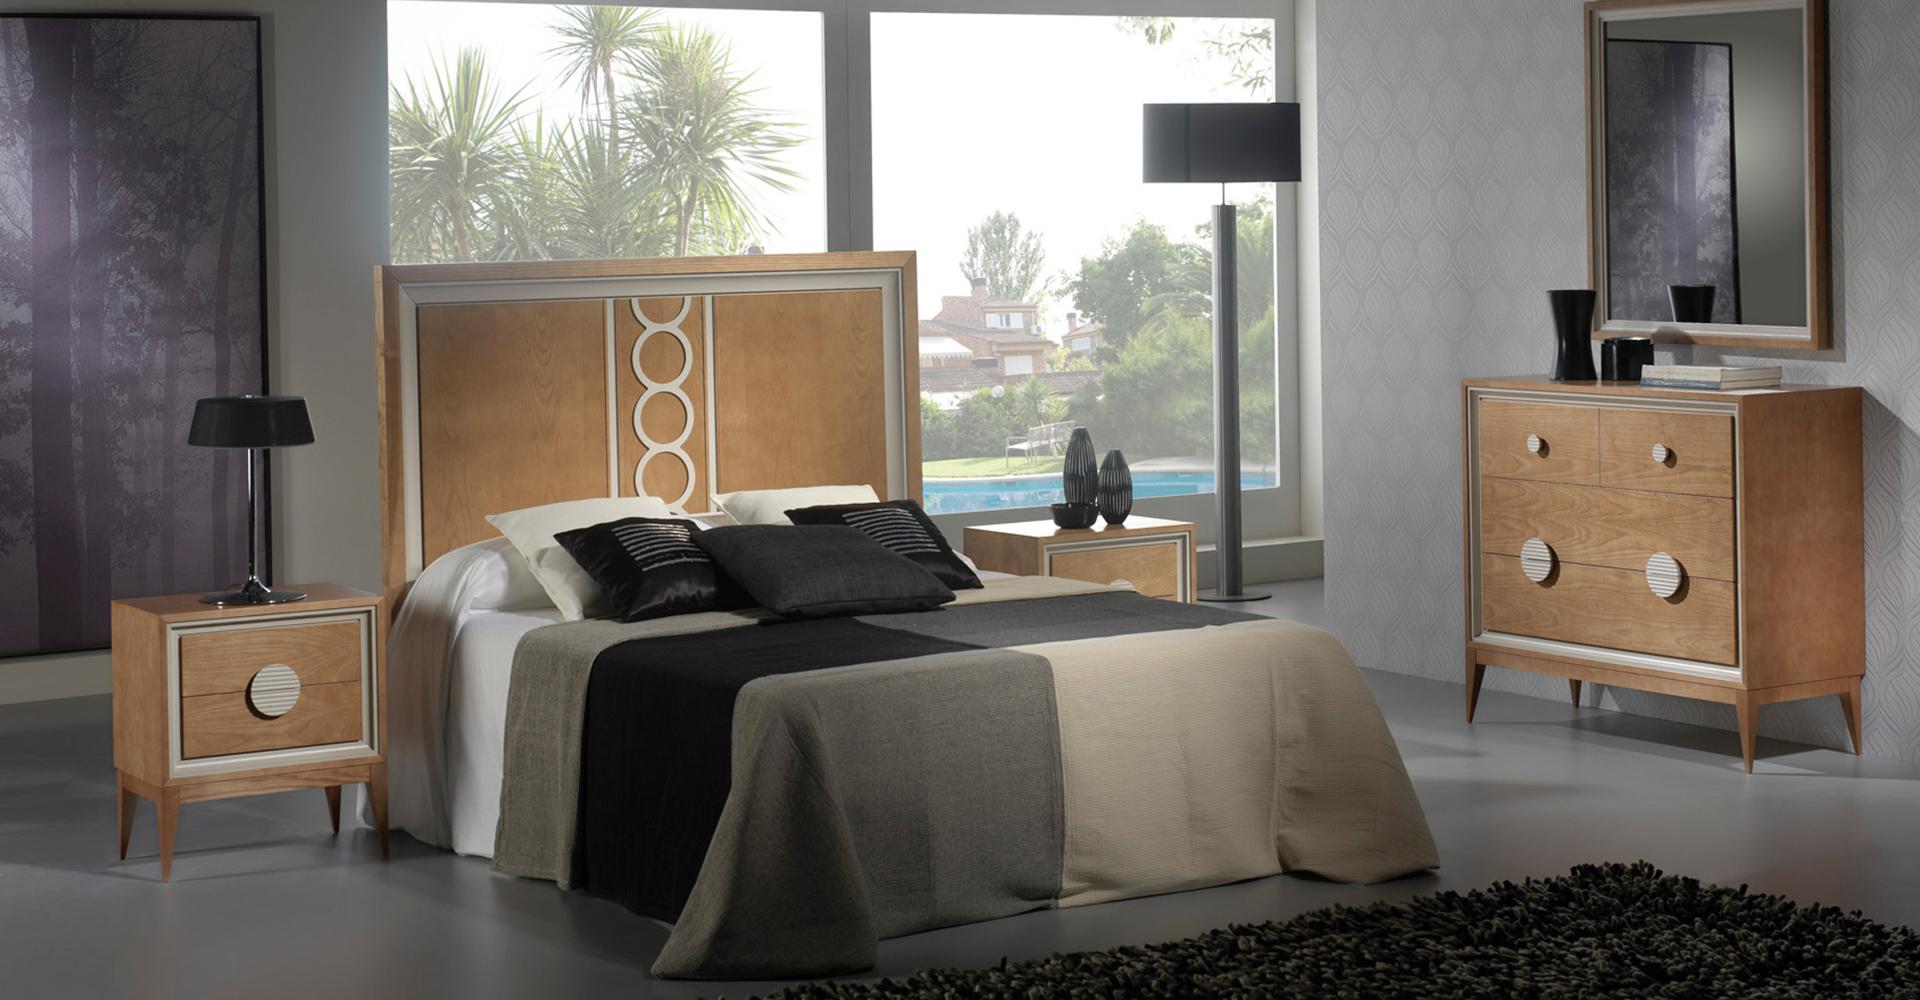 dormitorio de estilo contemporaneo (124)